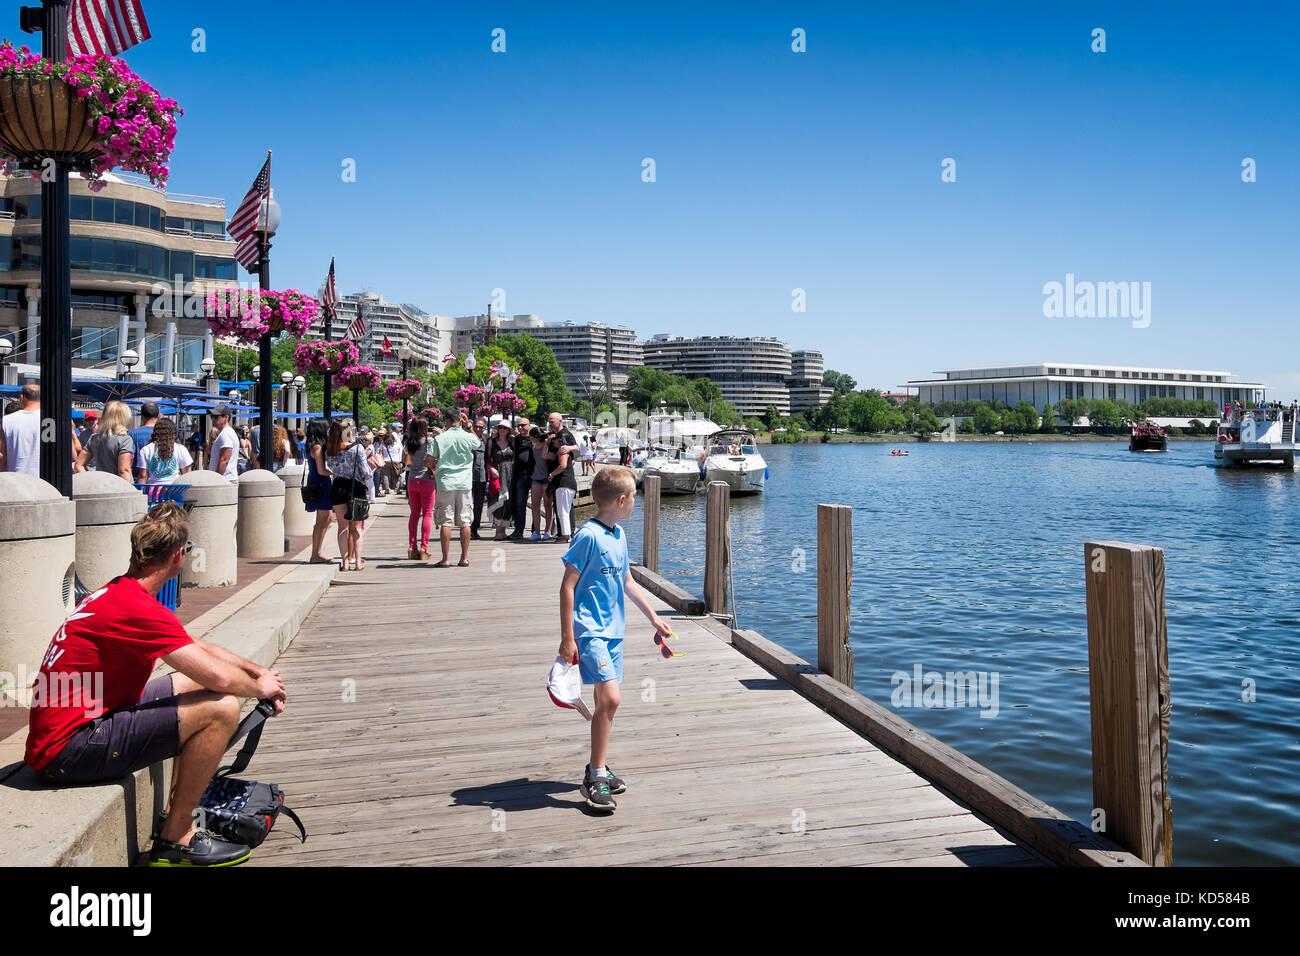 Washington Dc May 24 2015 Georgetown Waterfront Dock